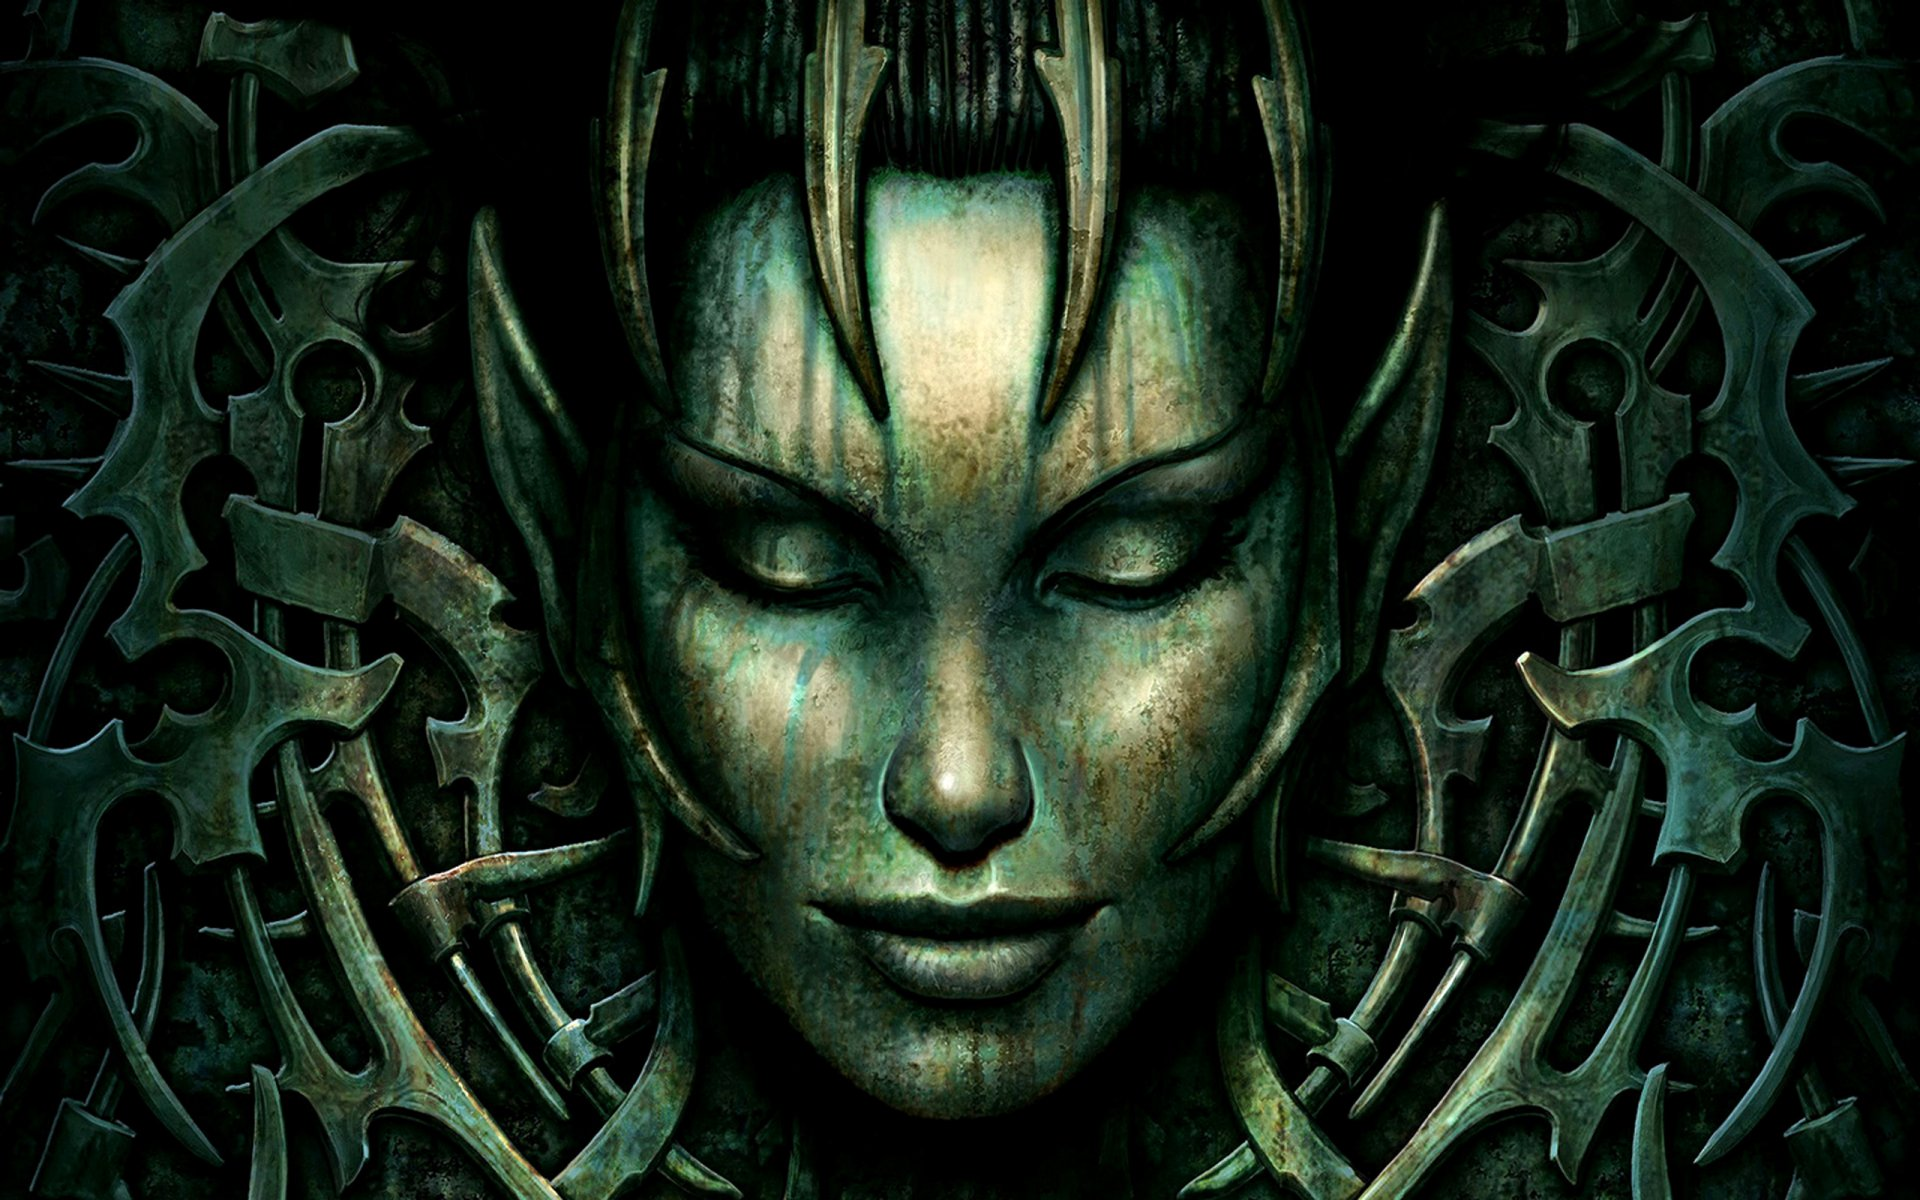 Jeux Vidéo - Spellforce 2: Shadow Wars  Jeux Vidéo Spellforce Woman Face Fond d'écran